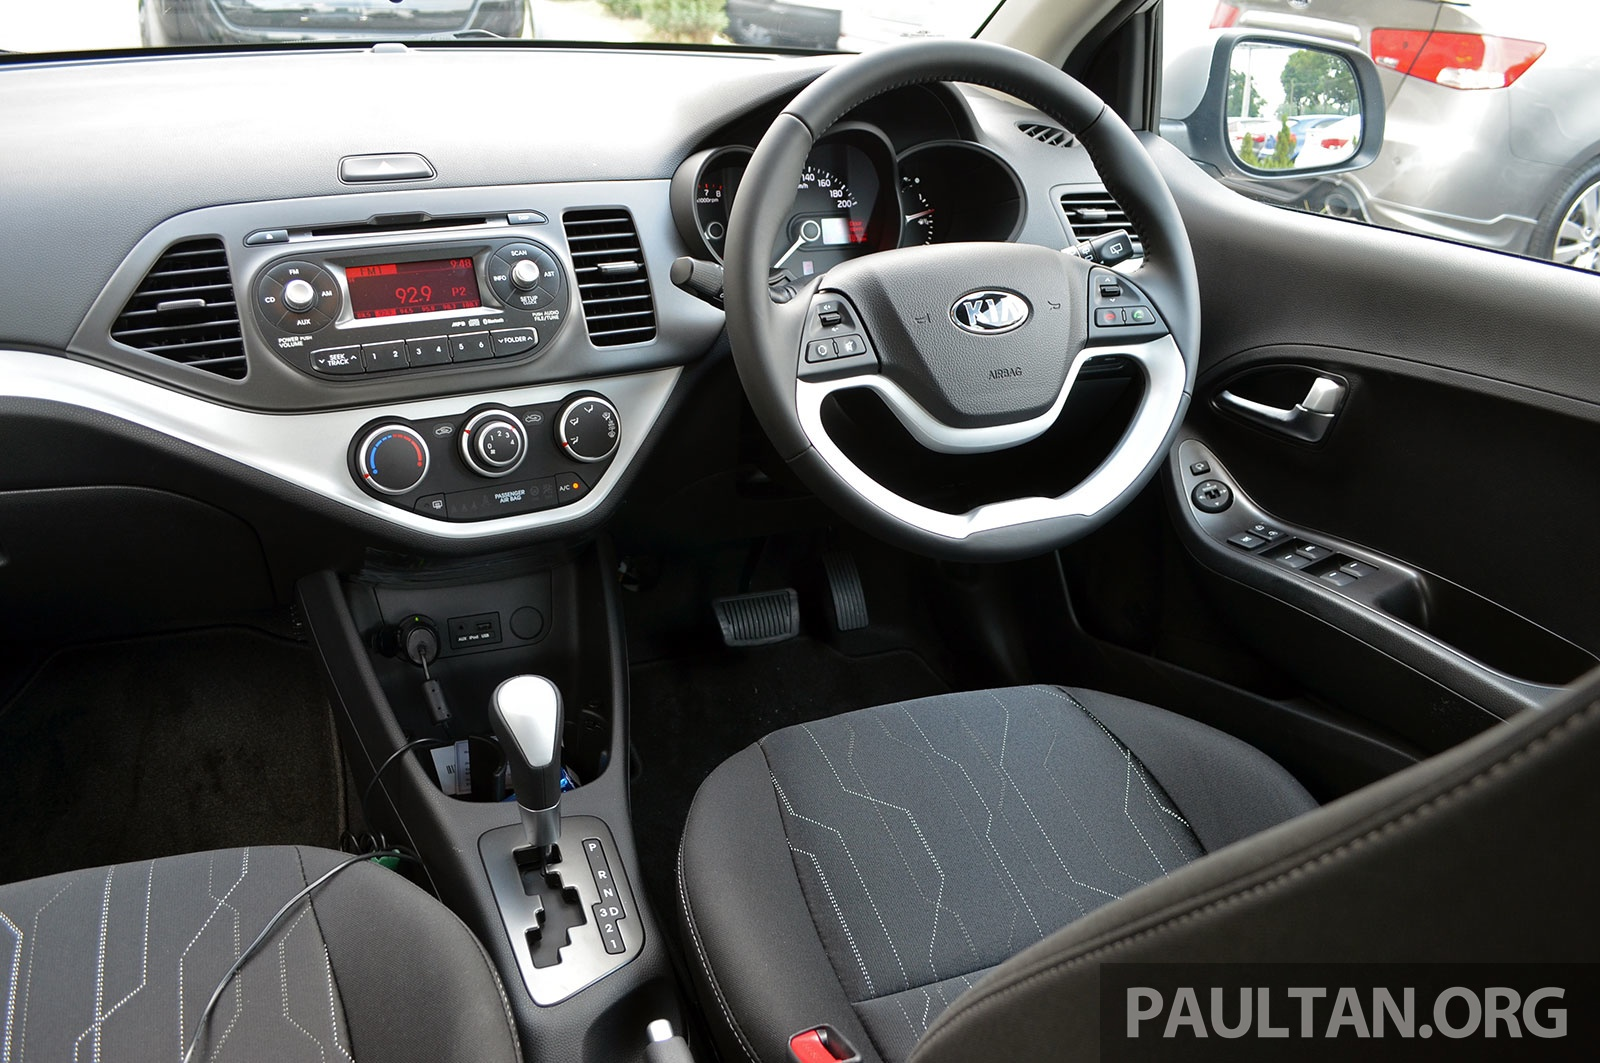 Kia Rio For Sale >> DRIVEN: Kia Picanto 1.2L Automatic and Manual Image 205185